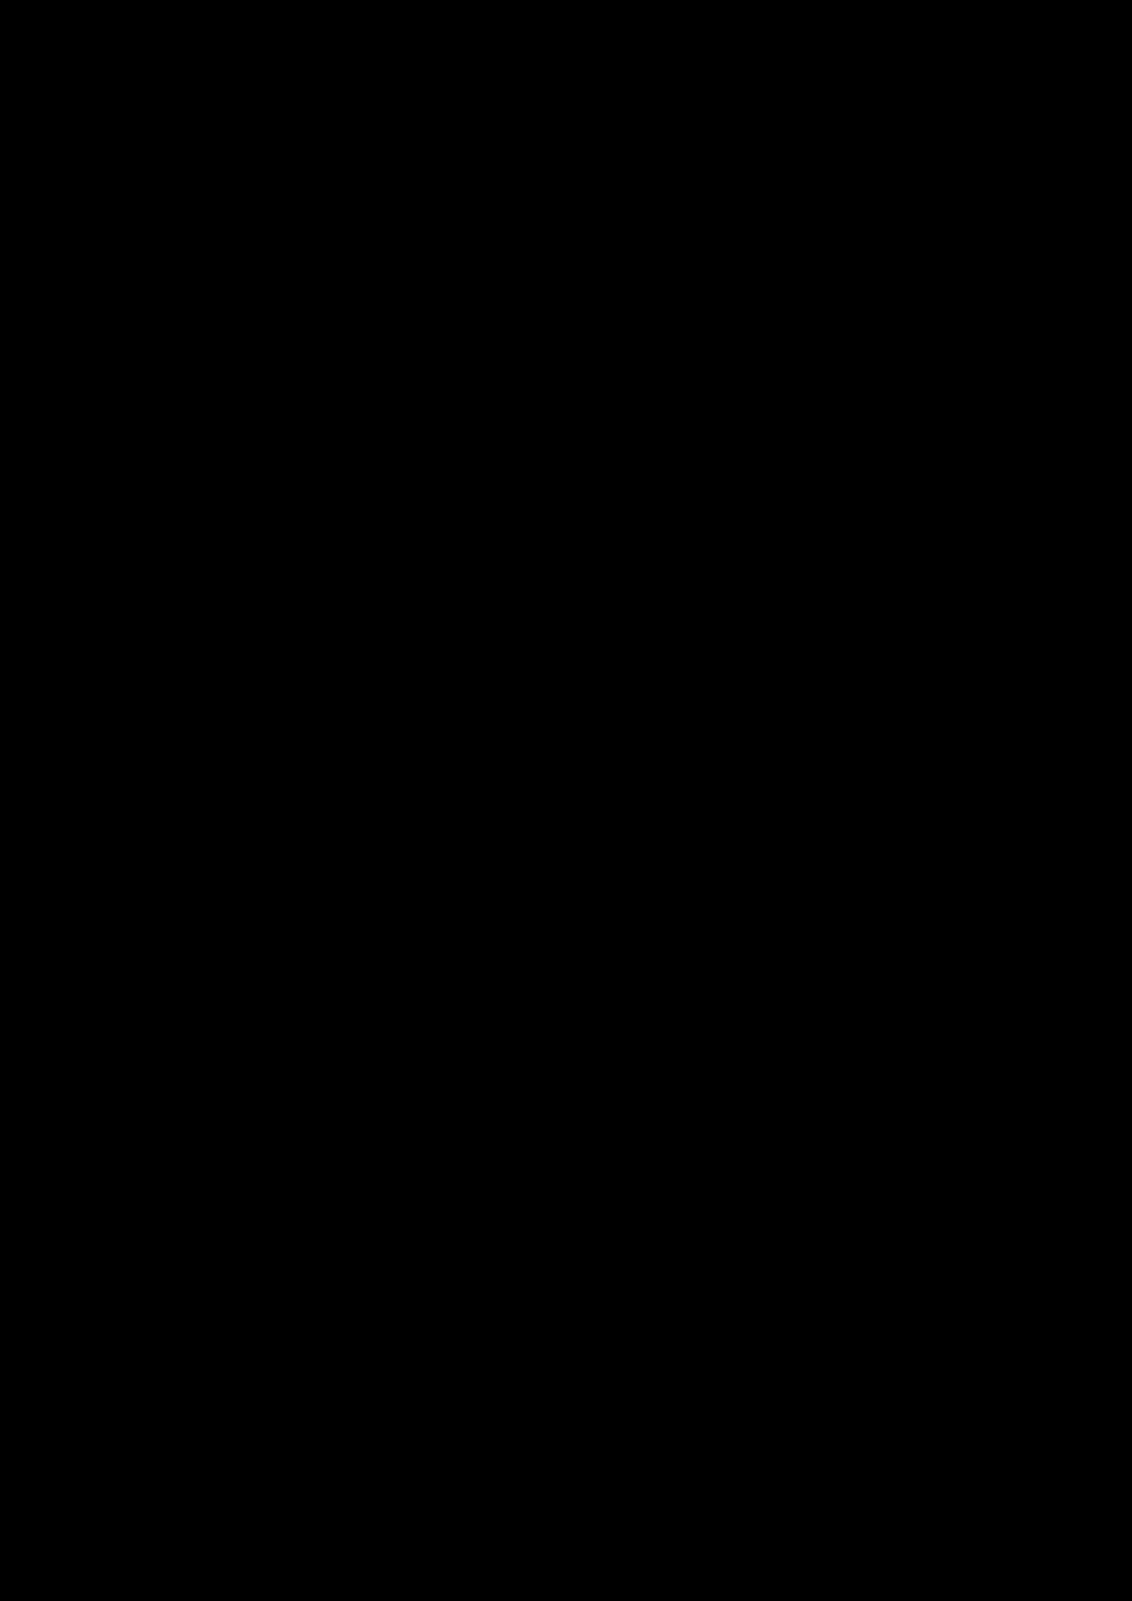 Zagadka volshebnoy stranyi slide, Image 73